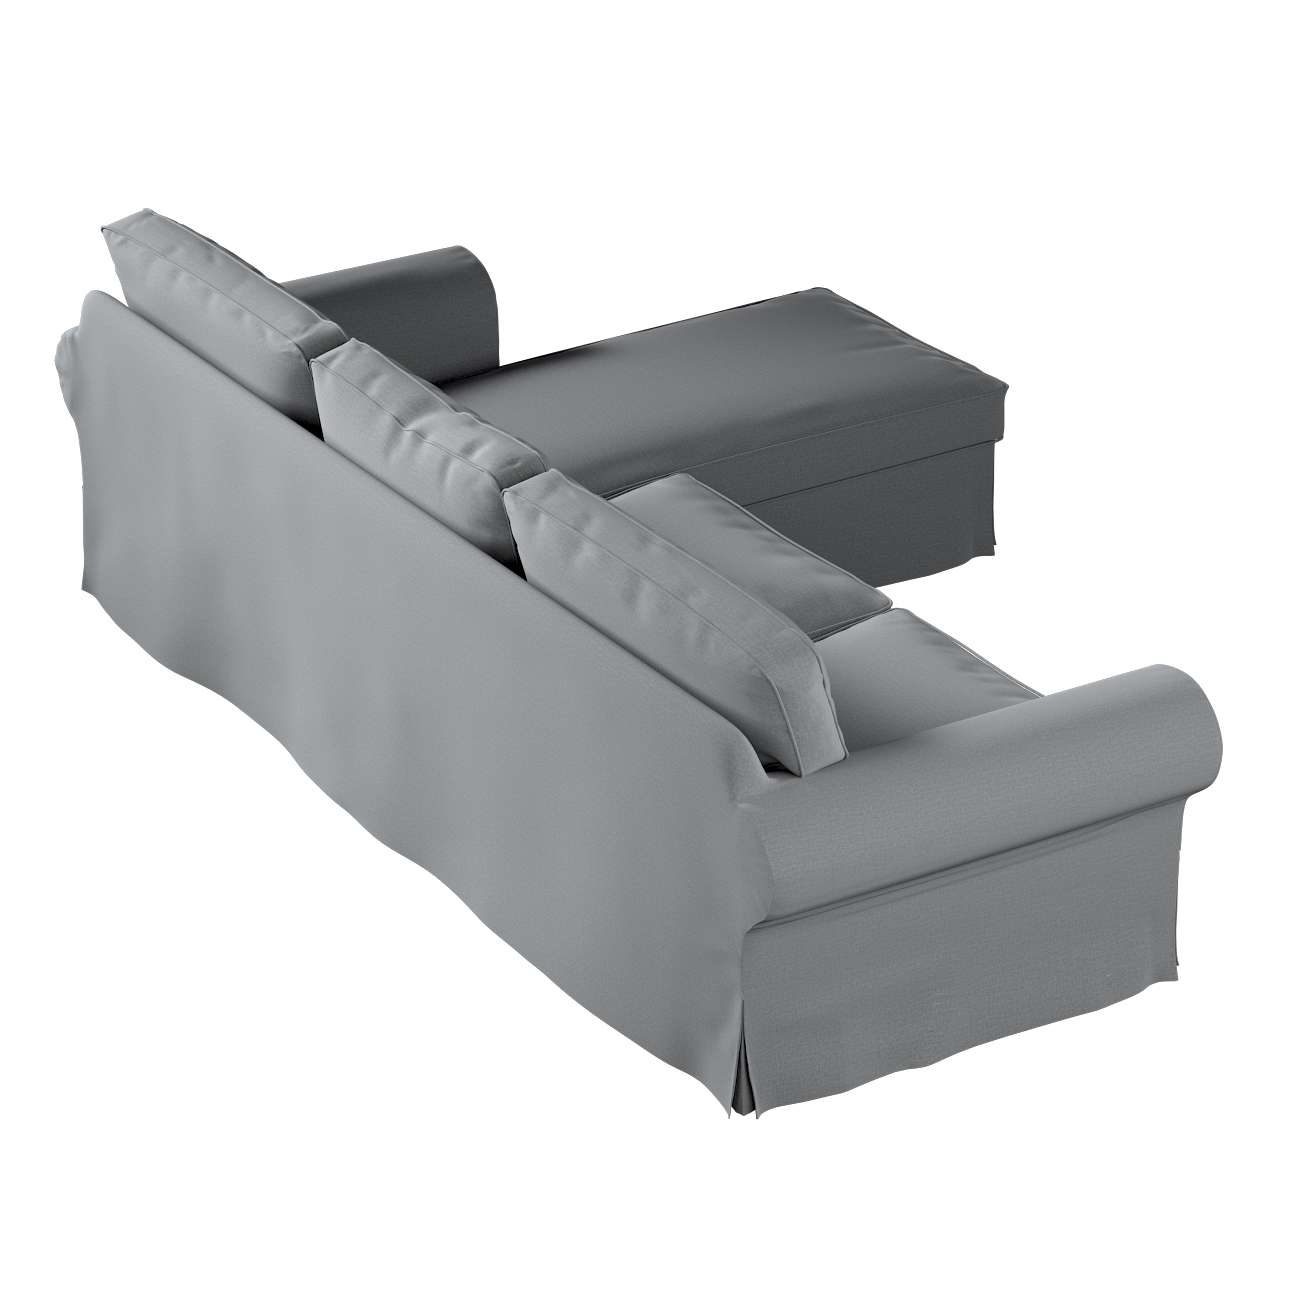 Pokrowiec na sofę Ektorp 2-osobową i leżankę w kolekcji Ingrid, tkanina: 705-42